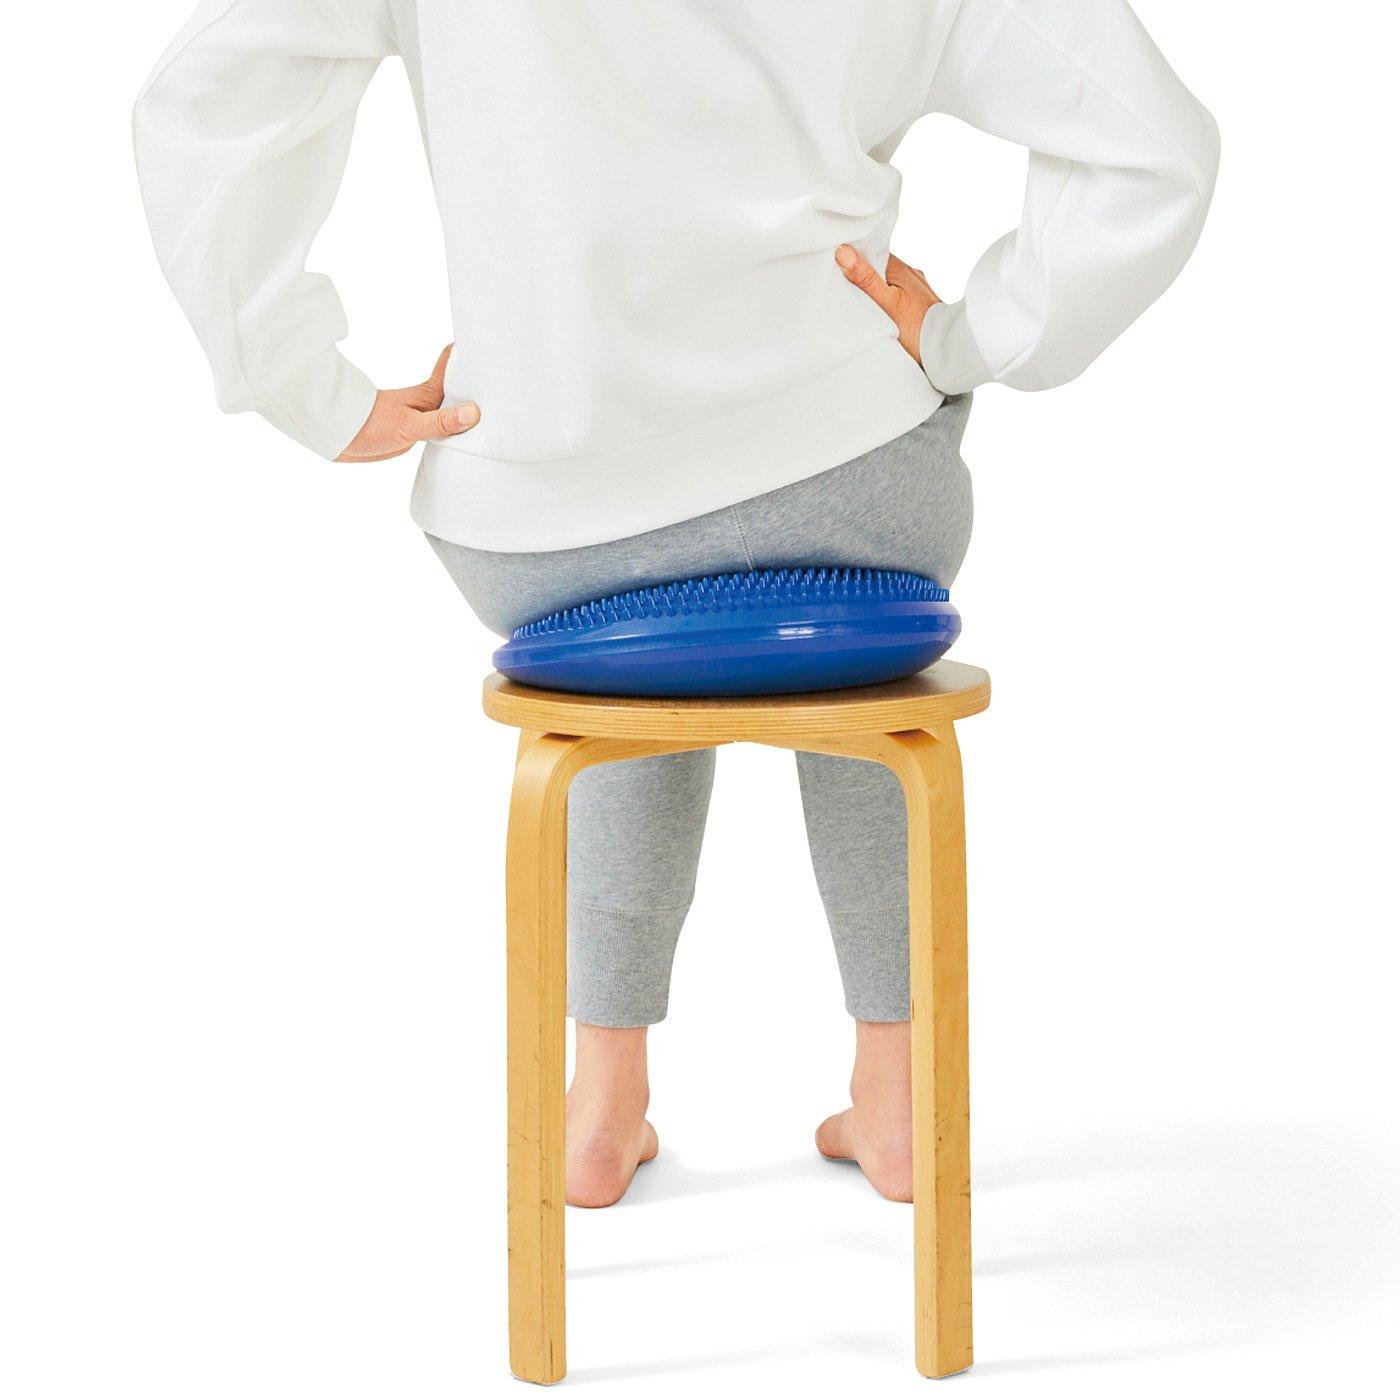 理学療法士監修 座るだけで簡単エクサ 体幹を意識するバランスクッション